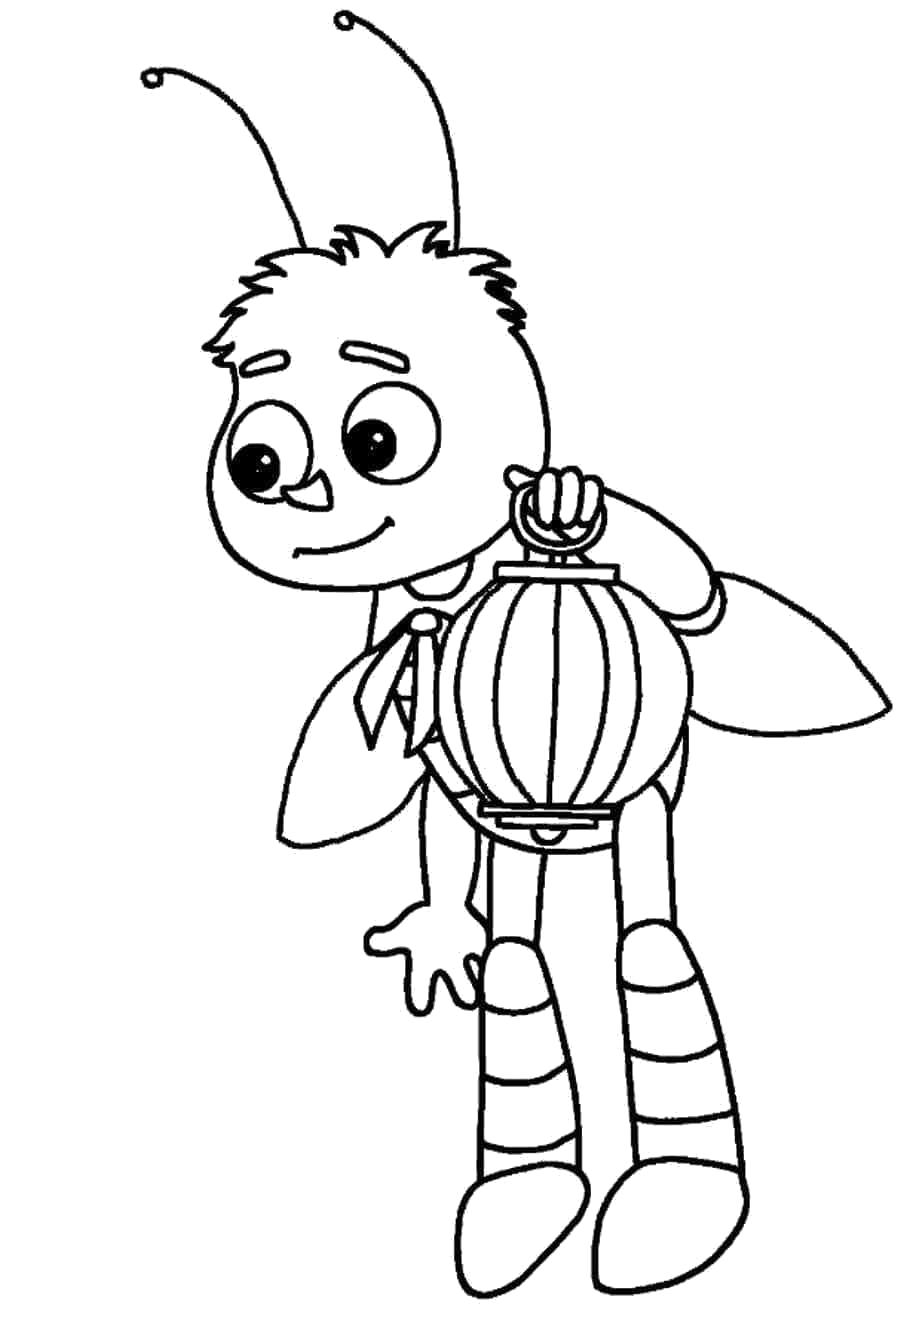 Раскраска Детская  Лунтик и его друзья. Скачать Мила.  Распечатать Лунтик